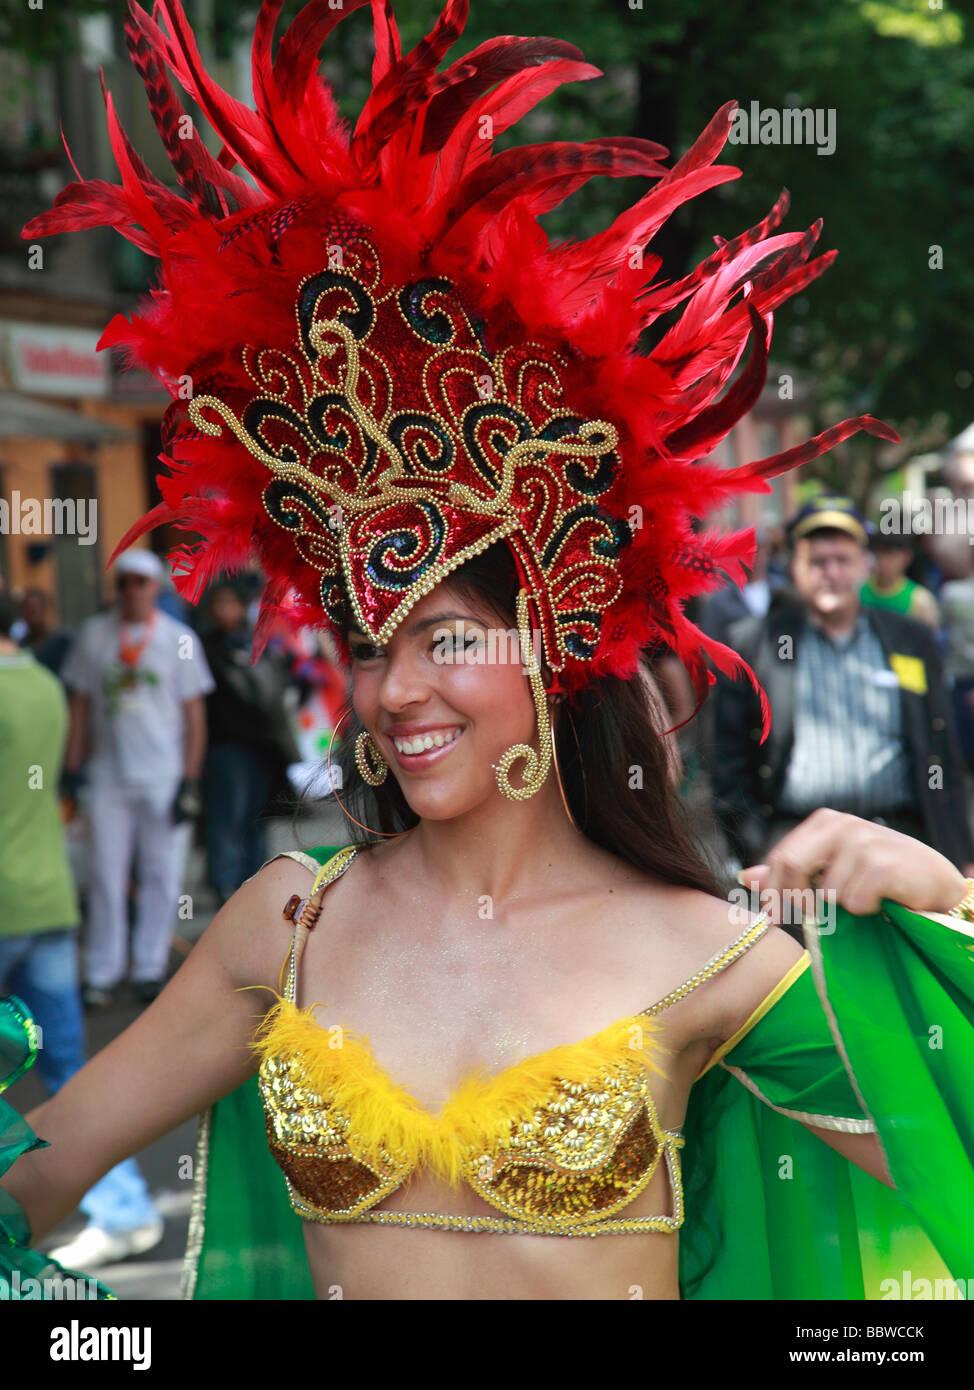 Germania Berlino Il Carnevale delle culture donna brasiliana in costume Immagini Stock